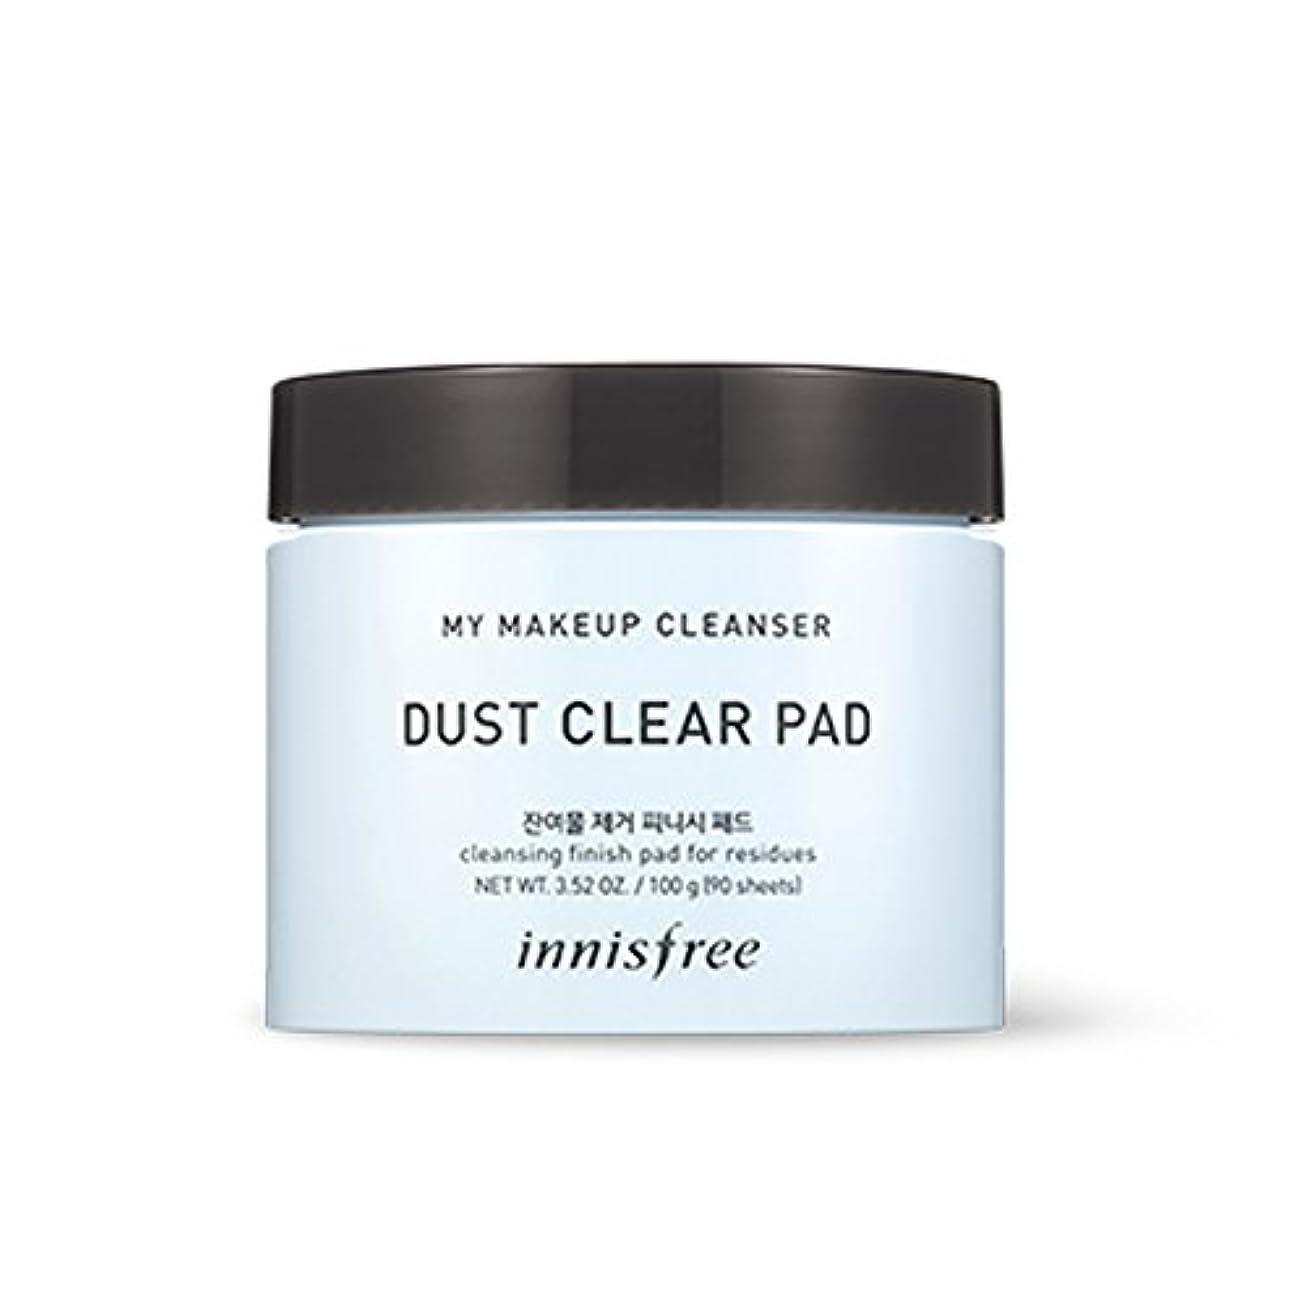 微視的変化する幸運イニスフリーマイメイクアップクレンザー - ダストクリアパッド90ea x 1個 Innisfree My Makeup Cleanser - Dust Clear Pad 90ea x 1pcs [海外直送品][並行輸入品]